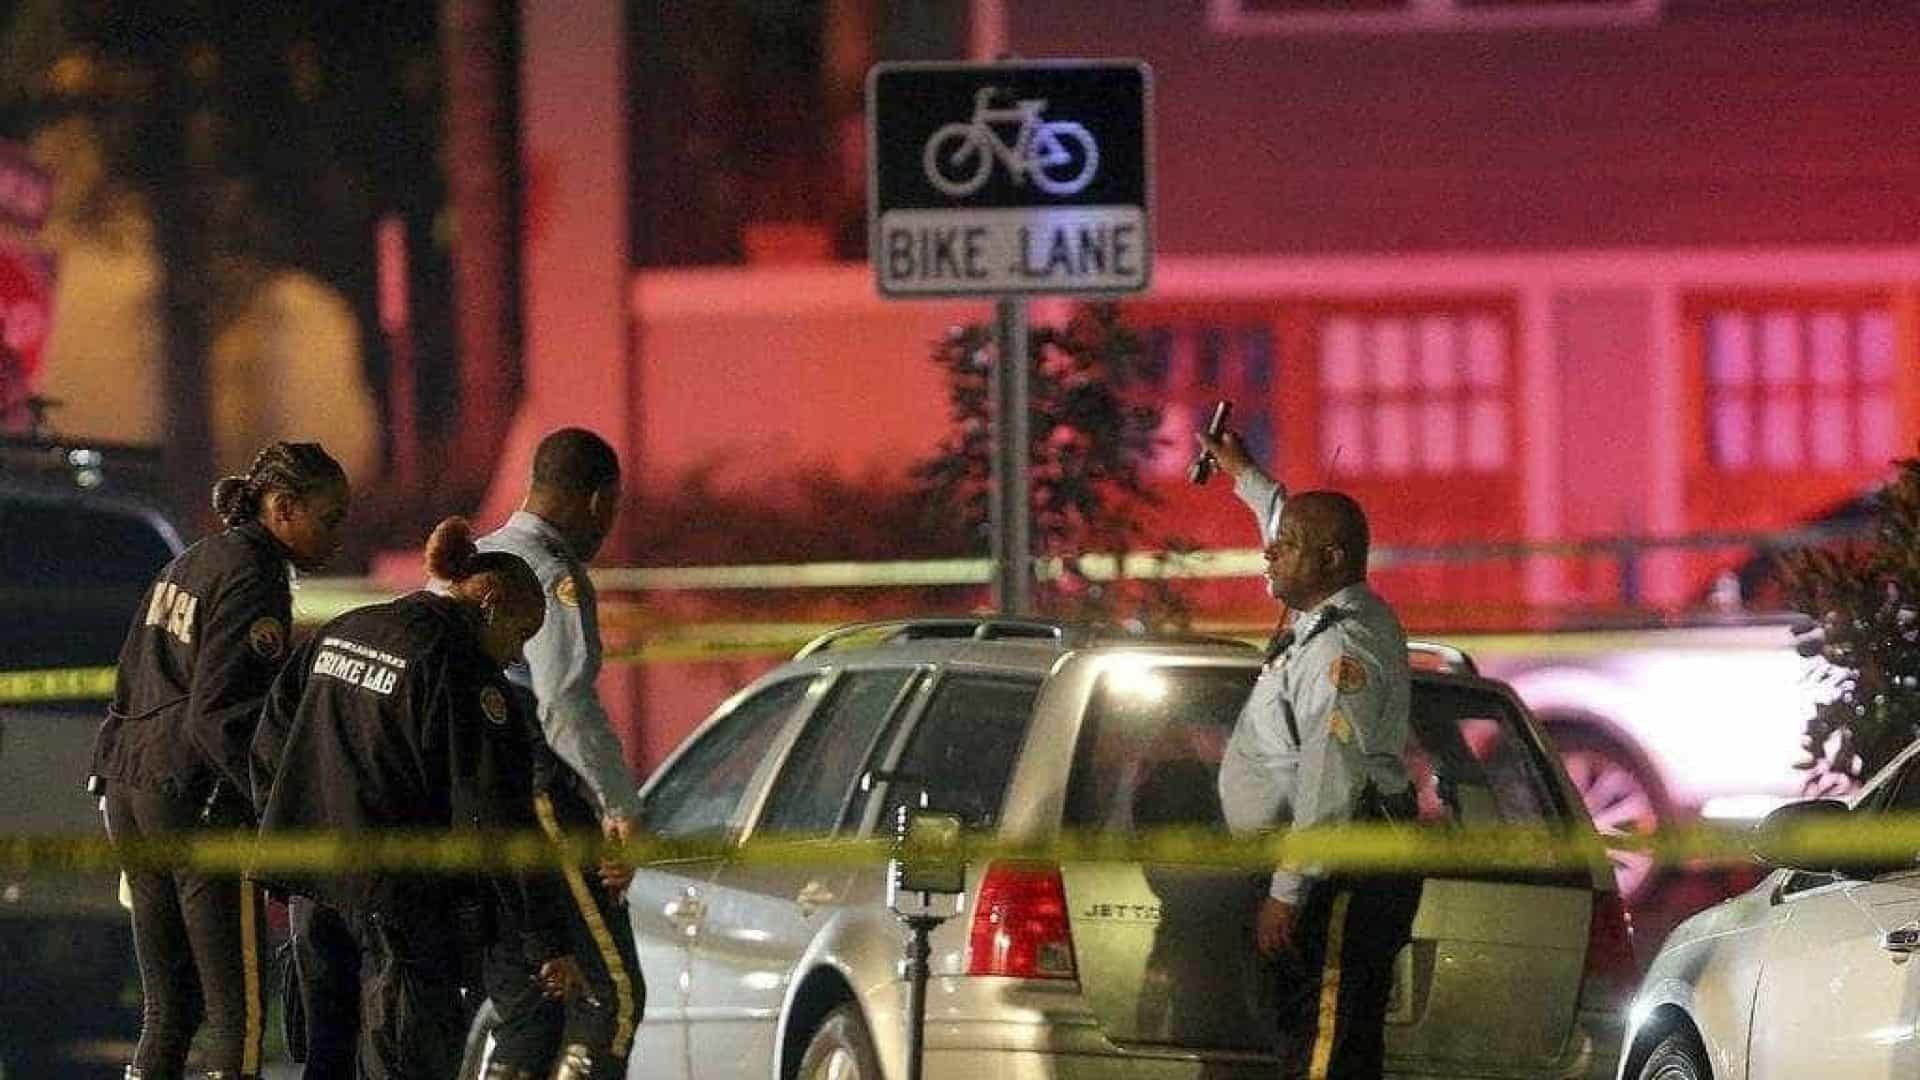 Carro abalroa multidão e faz 2 mortos e 6 feridos